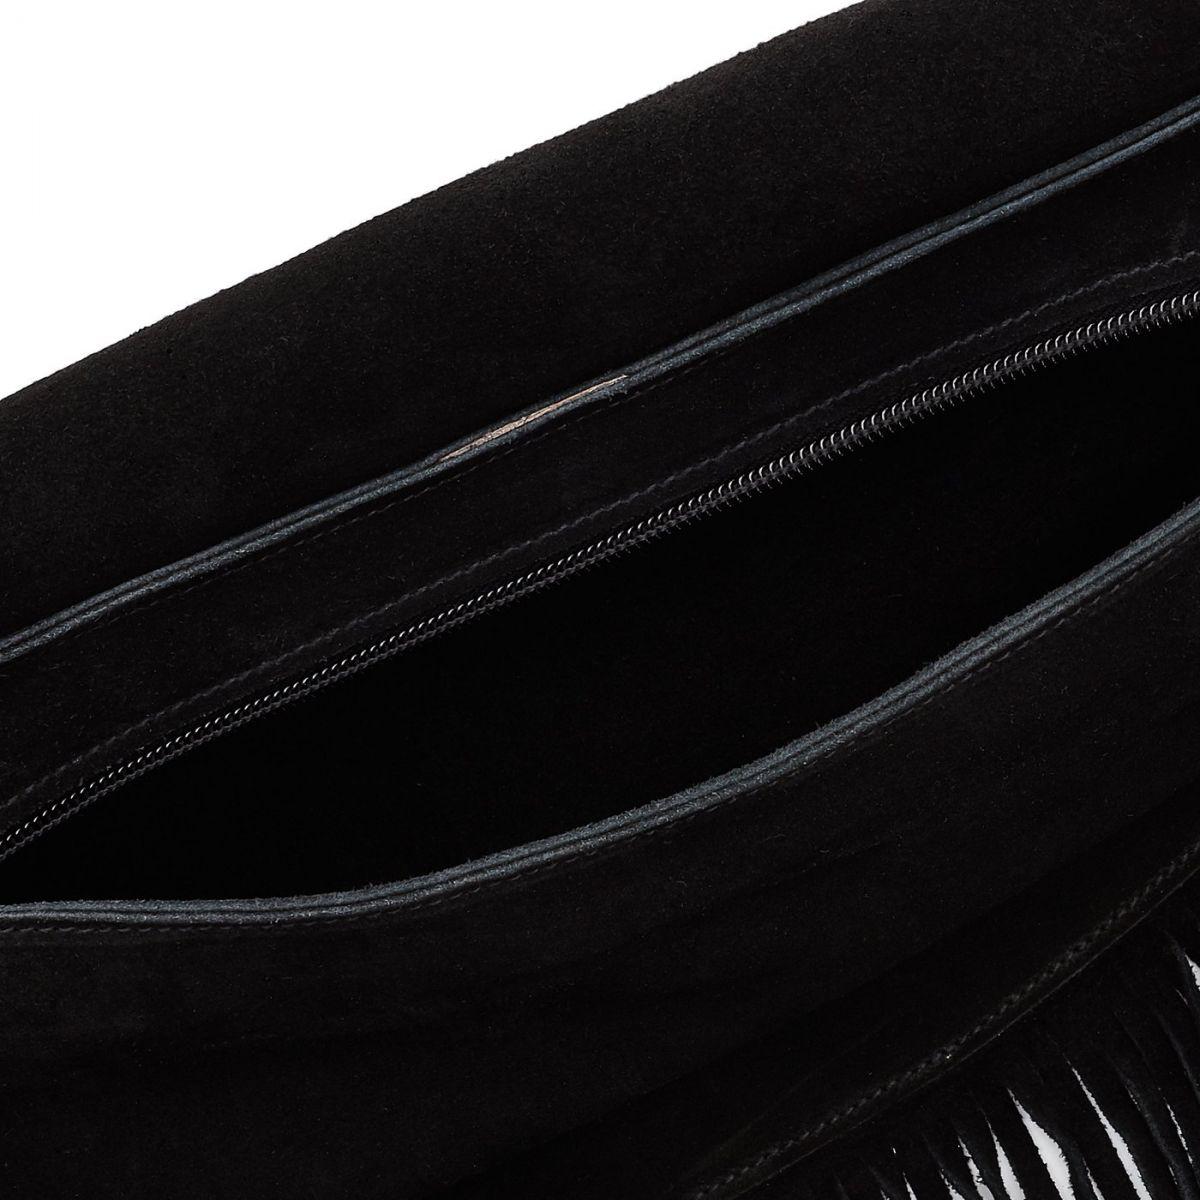 Sac Epaule pour Femme  en Cuir De Vachette BSH084 couleur Noir | Details